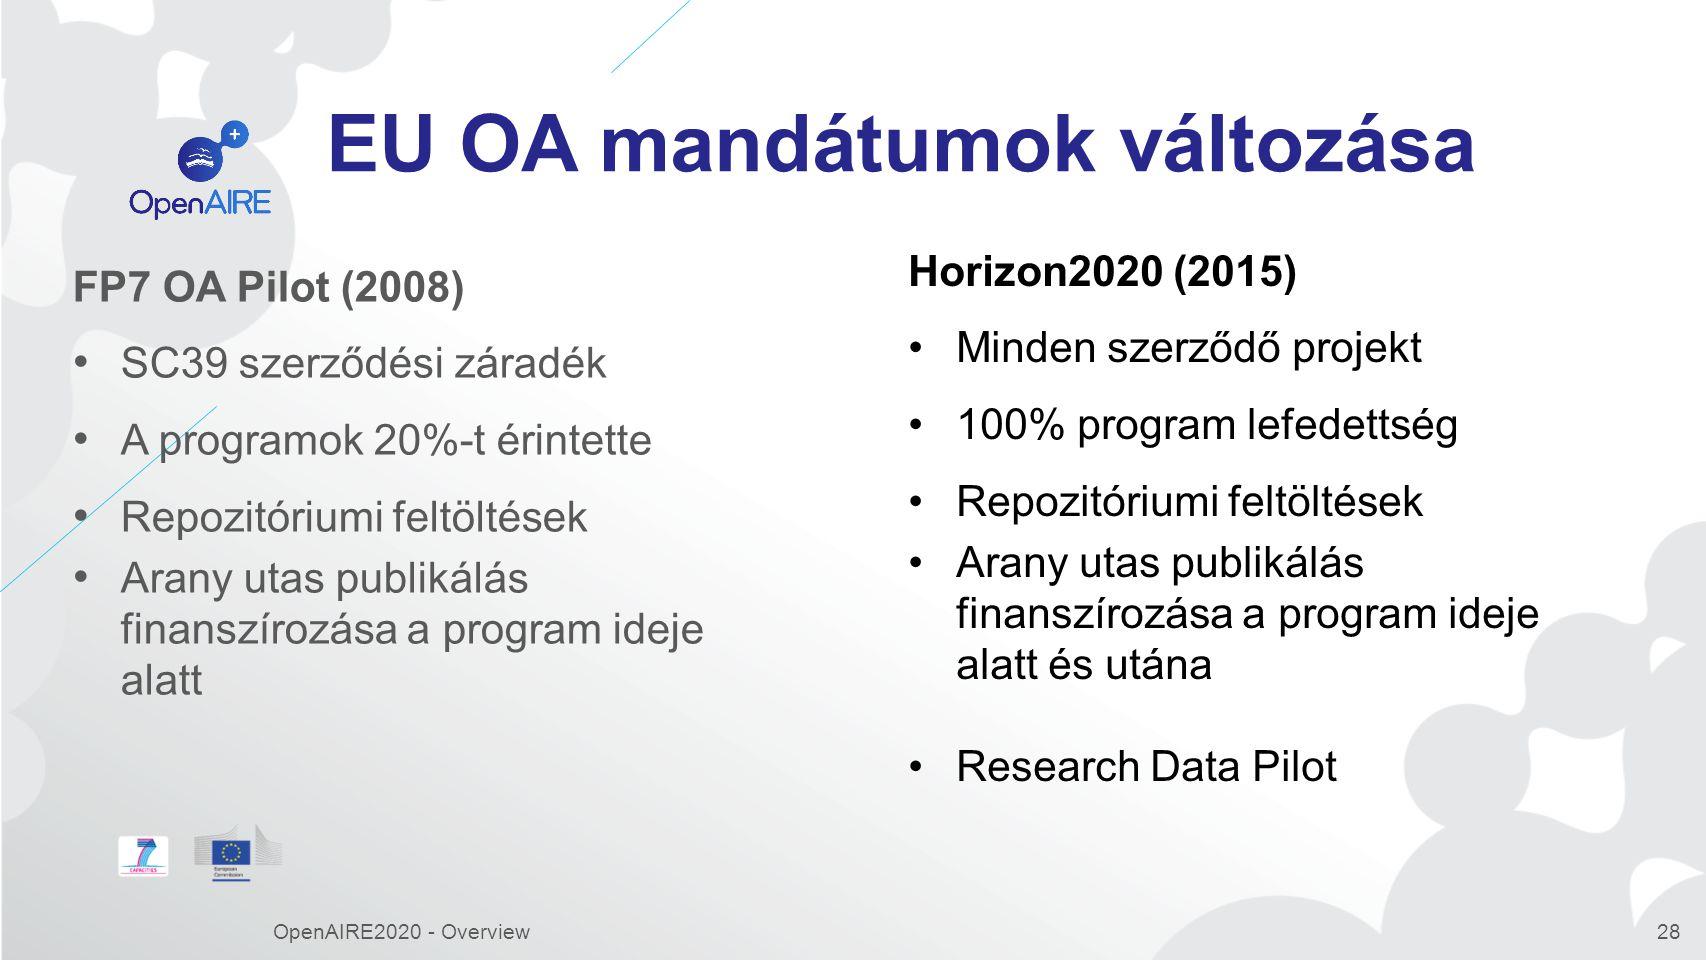 EU OA mandátumok változása FP7 OA Pilot (2008) SC39 szerződési záradék A programok 20%-t érintette Repozitóriumi feltöltések Arany utas publikálás finanszírozása a program ideje alatt OpenAIRE2020 - Overview28 Horizon2020 (2015) Minden szerződő projekt 100% program lefedettség Repozitóriumi feltöltések Arany utas publikálás finanszírozása a program ideje alatt és utána Research Data Pilot